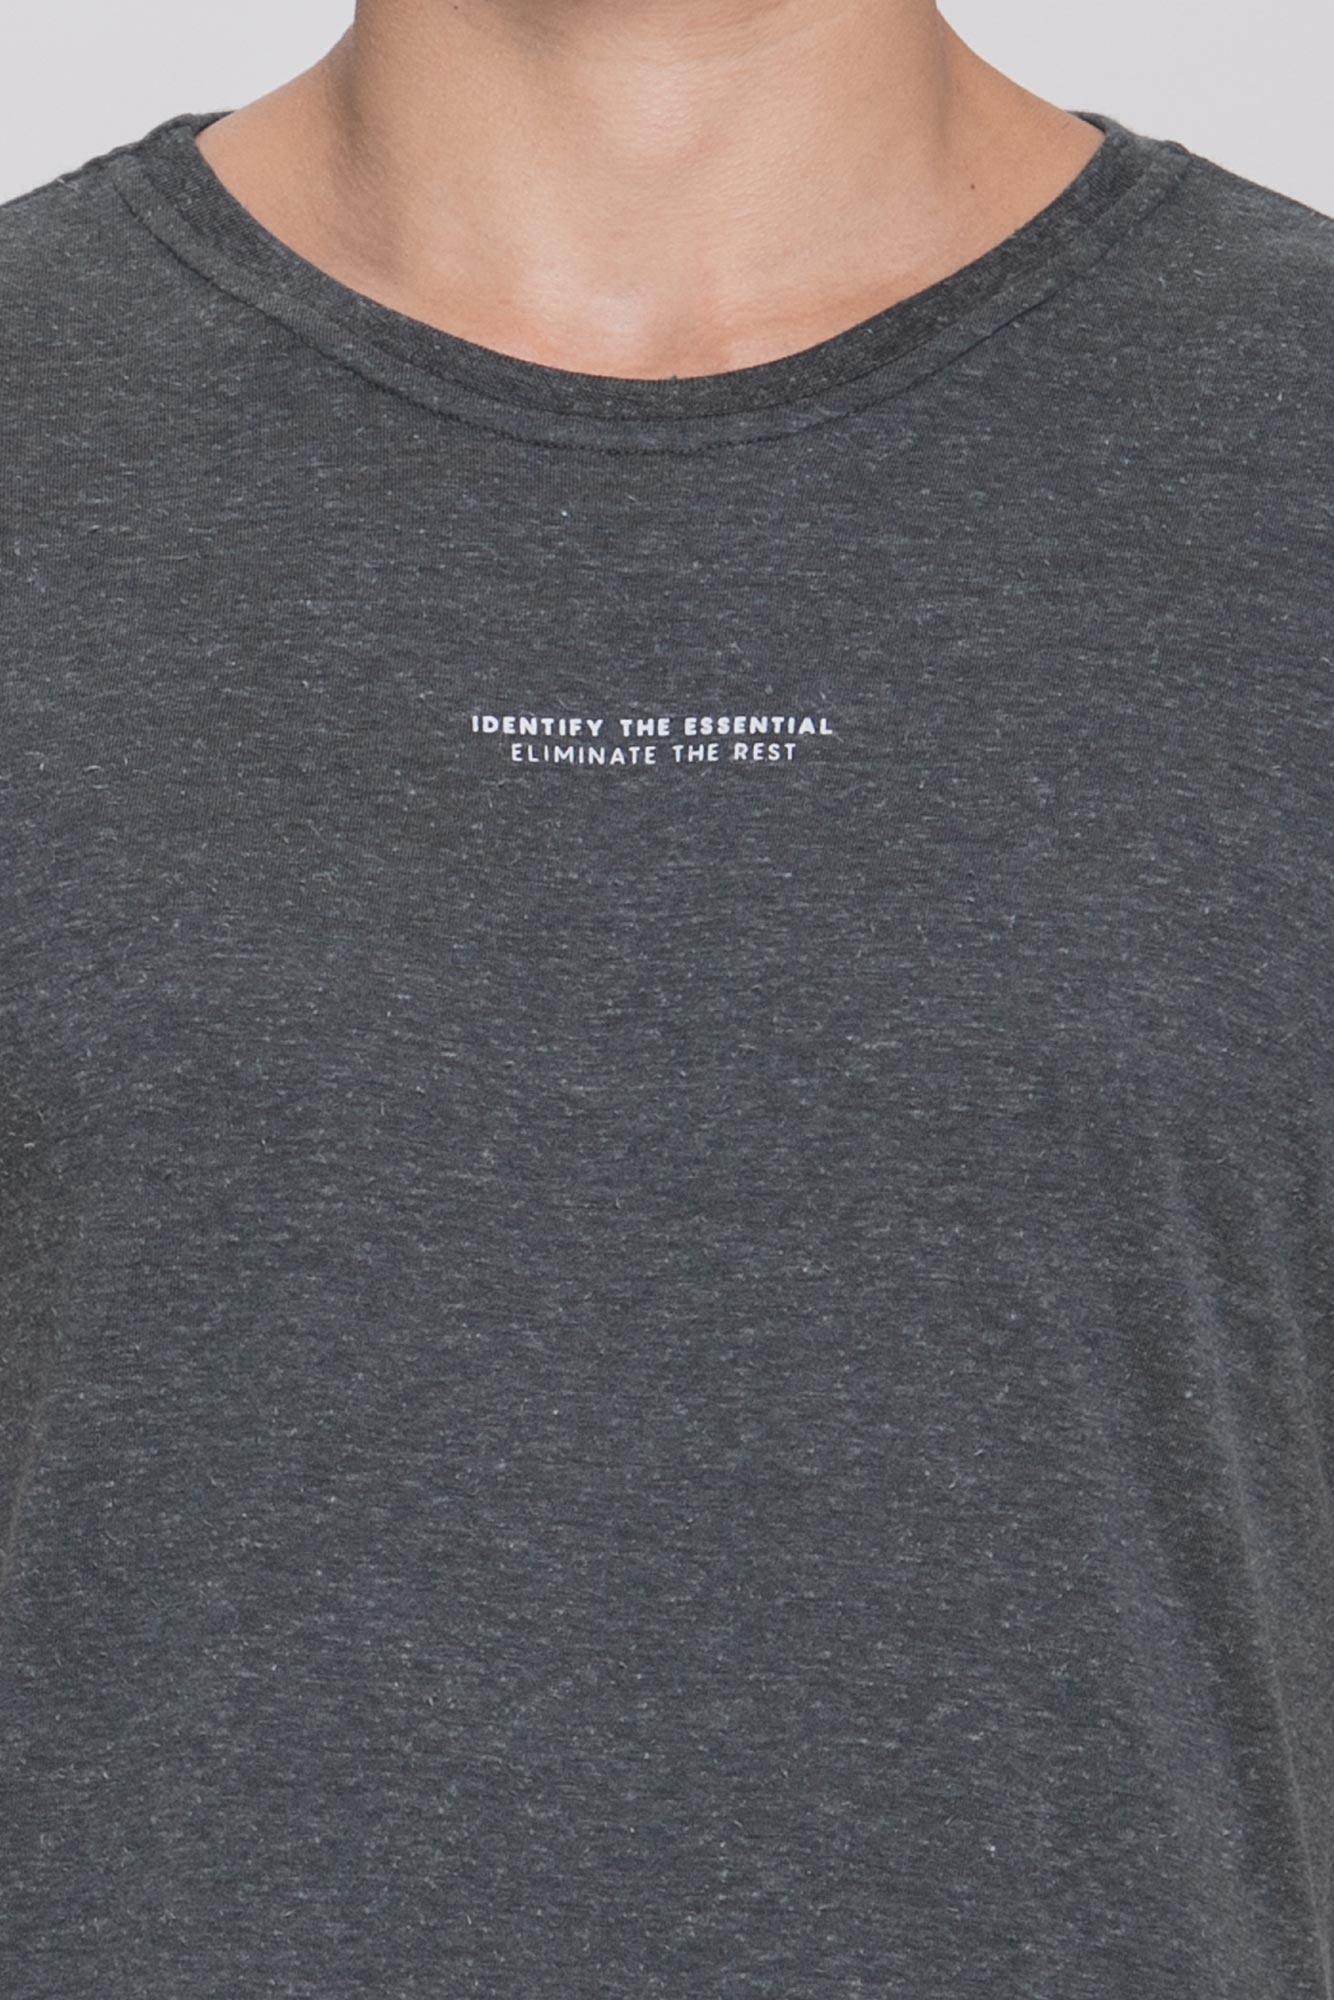 Camiseta Identify The Essential